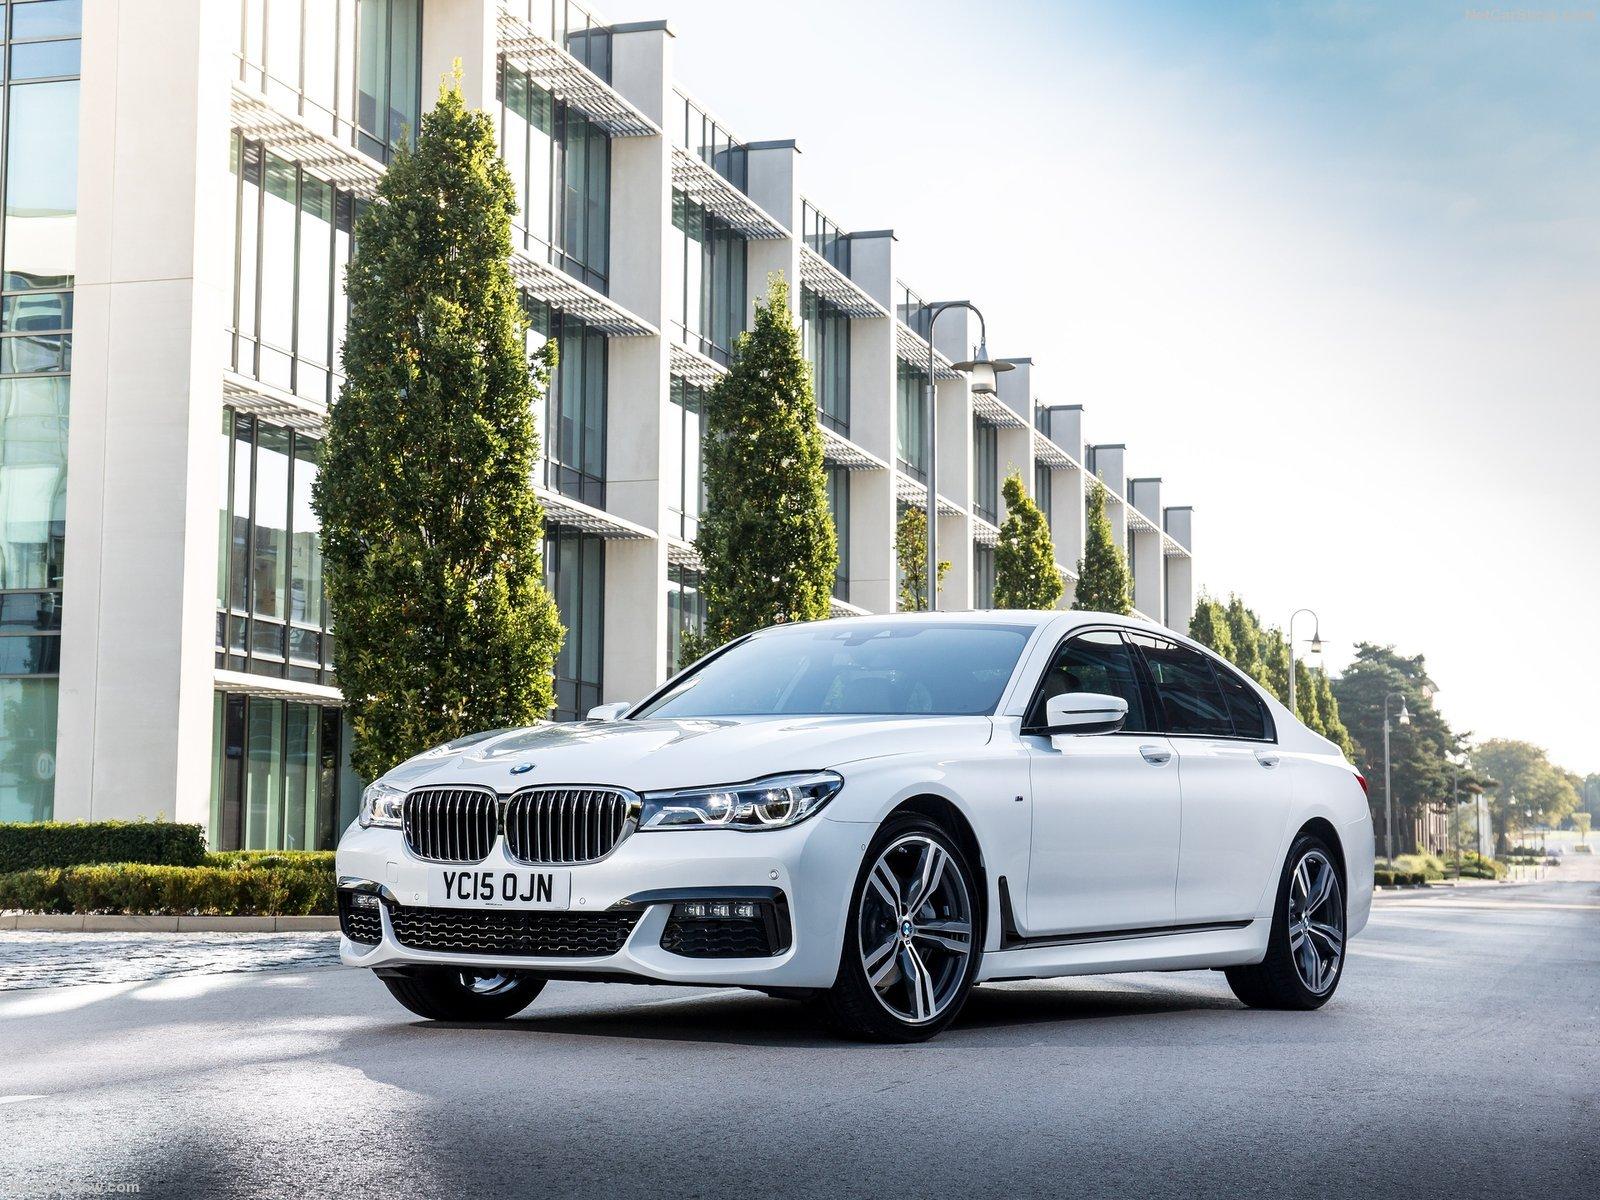 BMW 7 Series UK Version Cars Sedan White 2016 Wallpaper